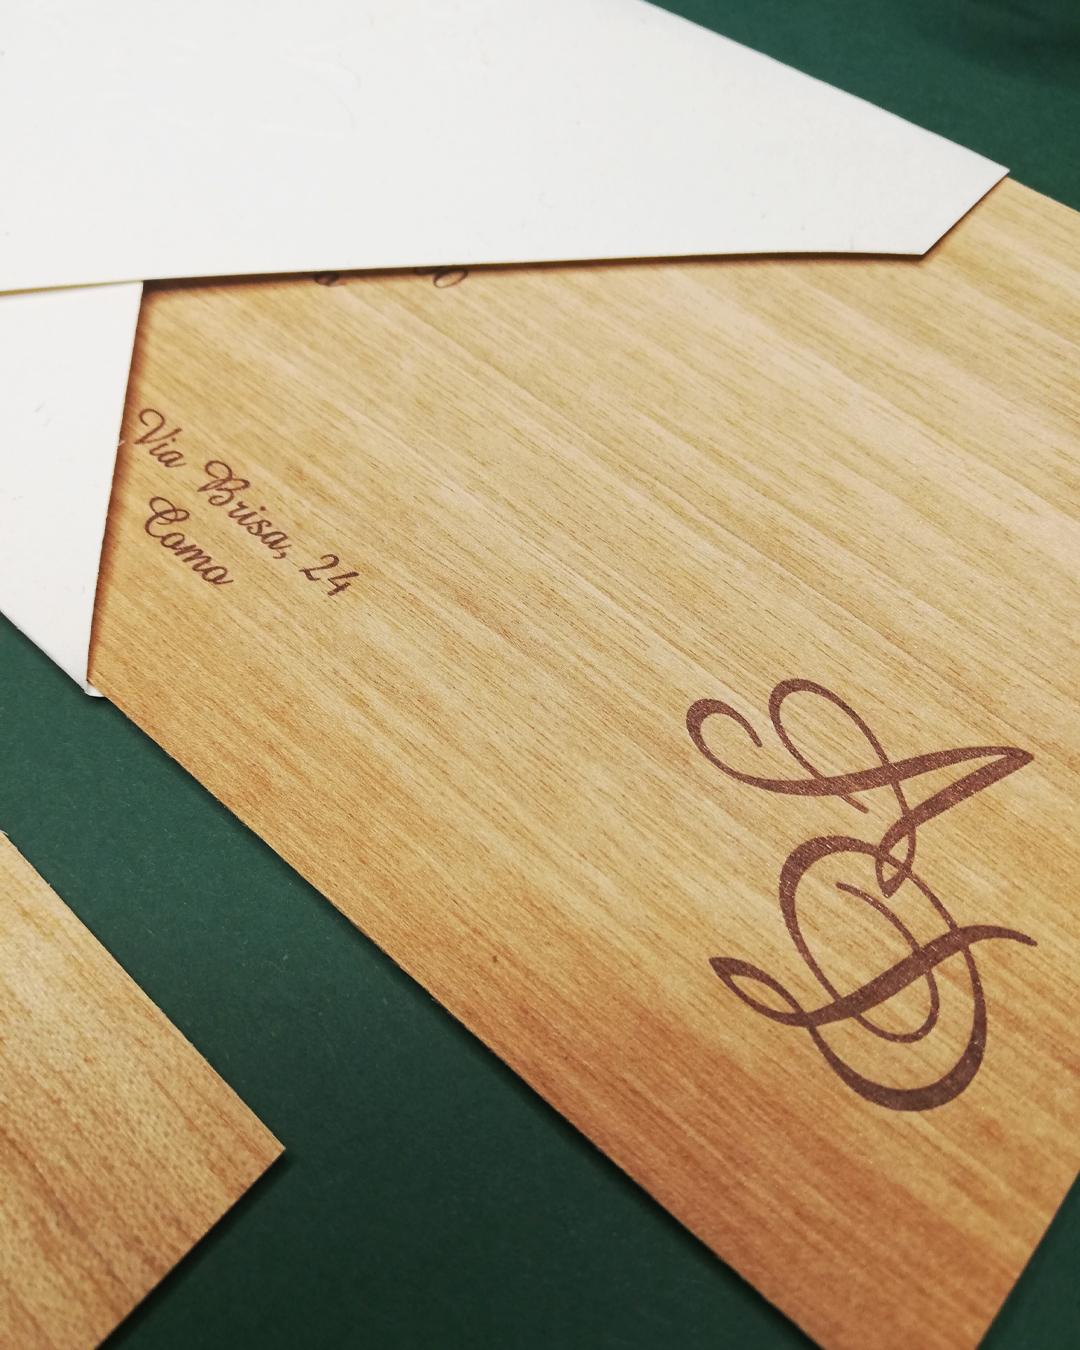 invito matrimonio in pasta di legno forma lunga con farfalle in rilievo